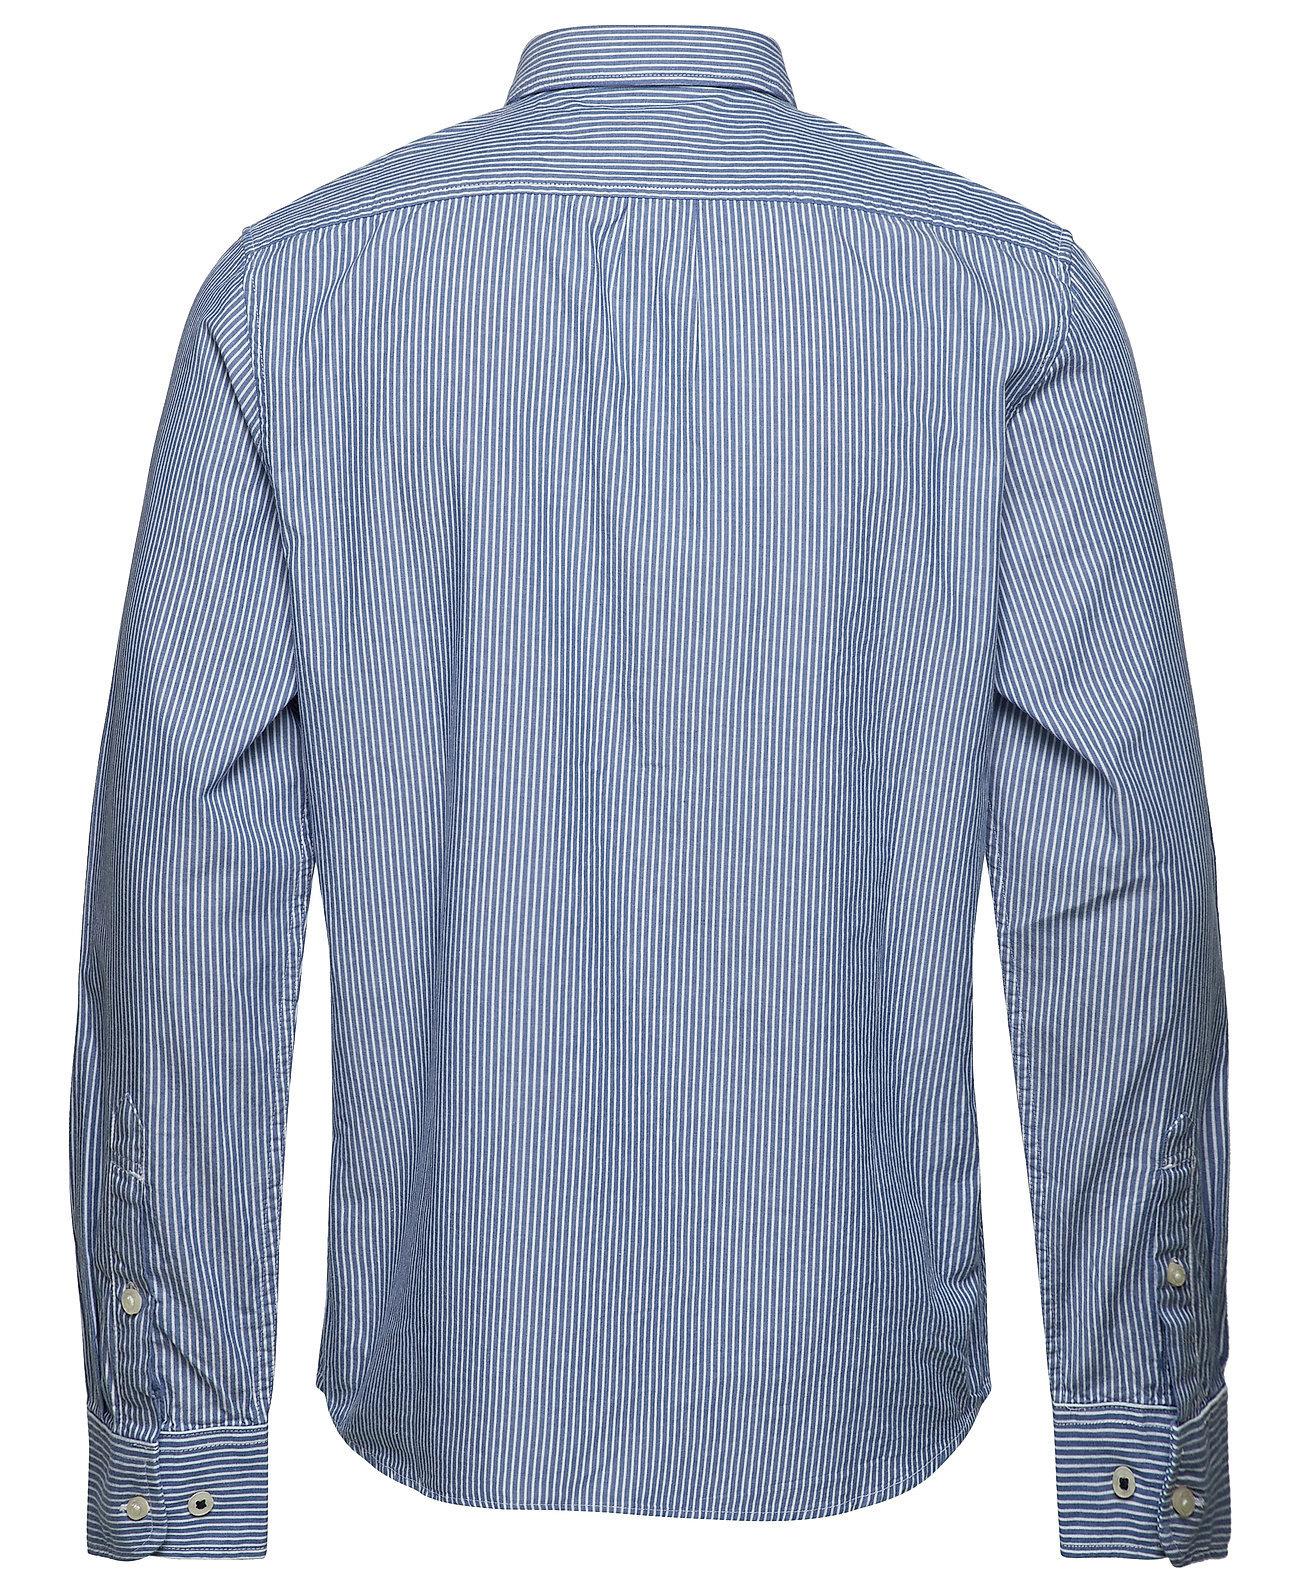 Lee Jeans Heren overhemd, blauw